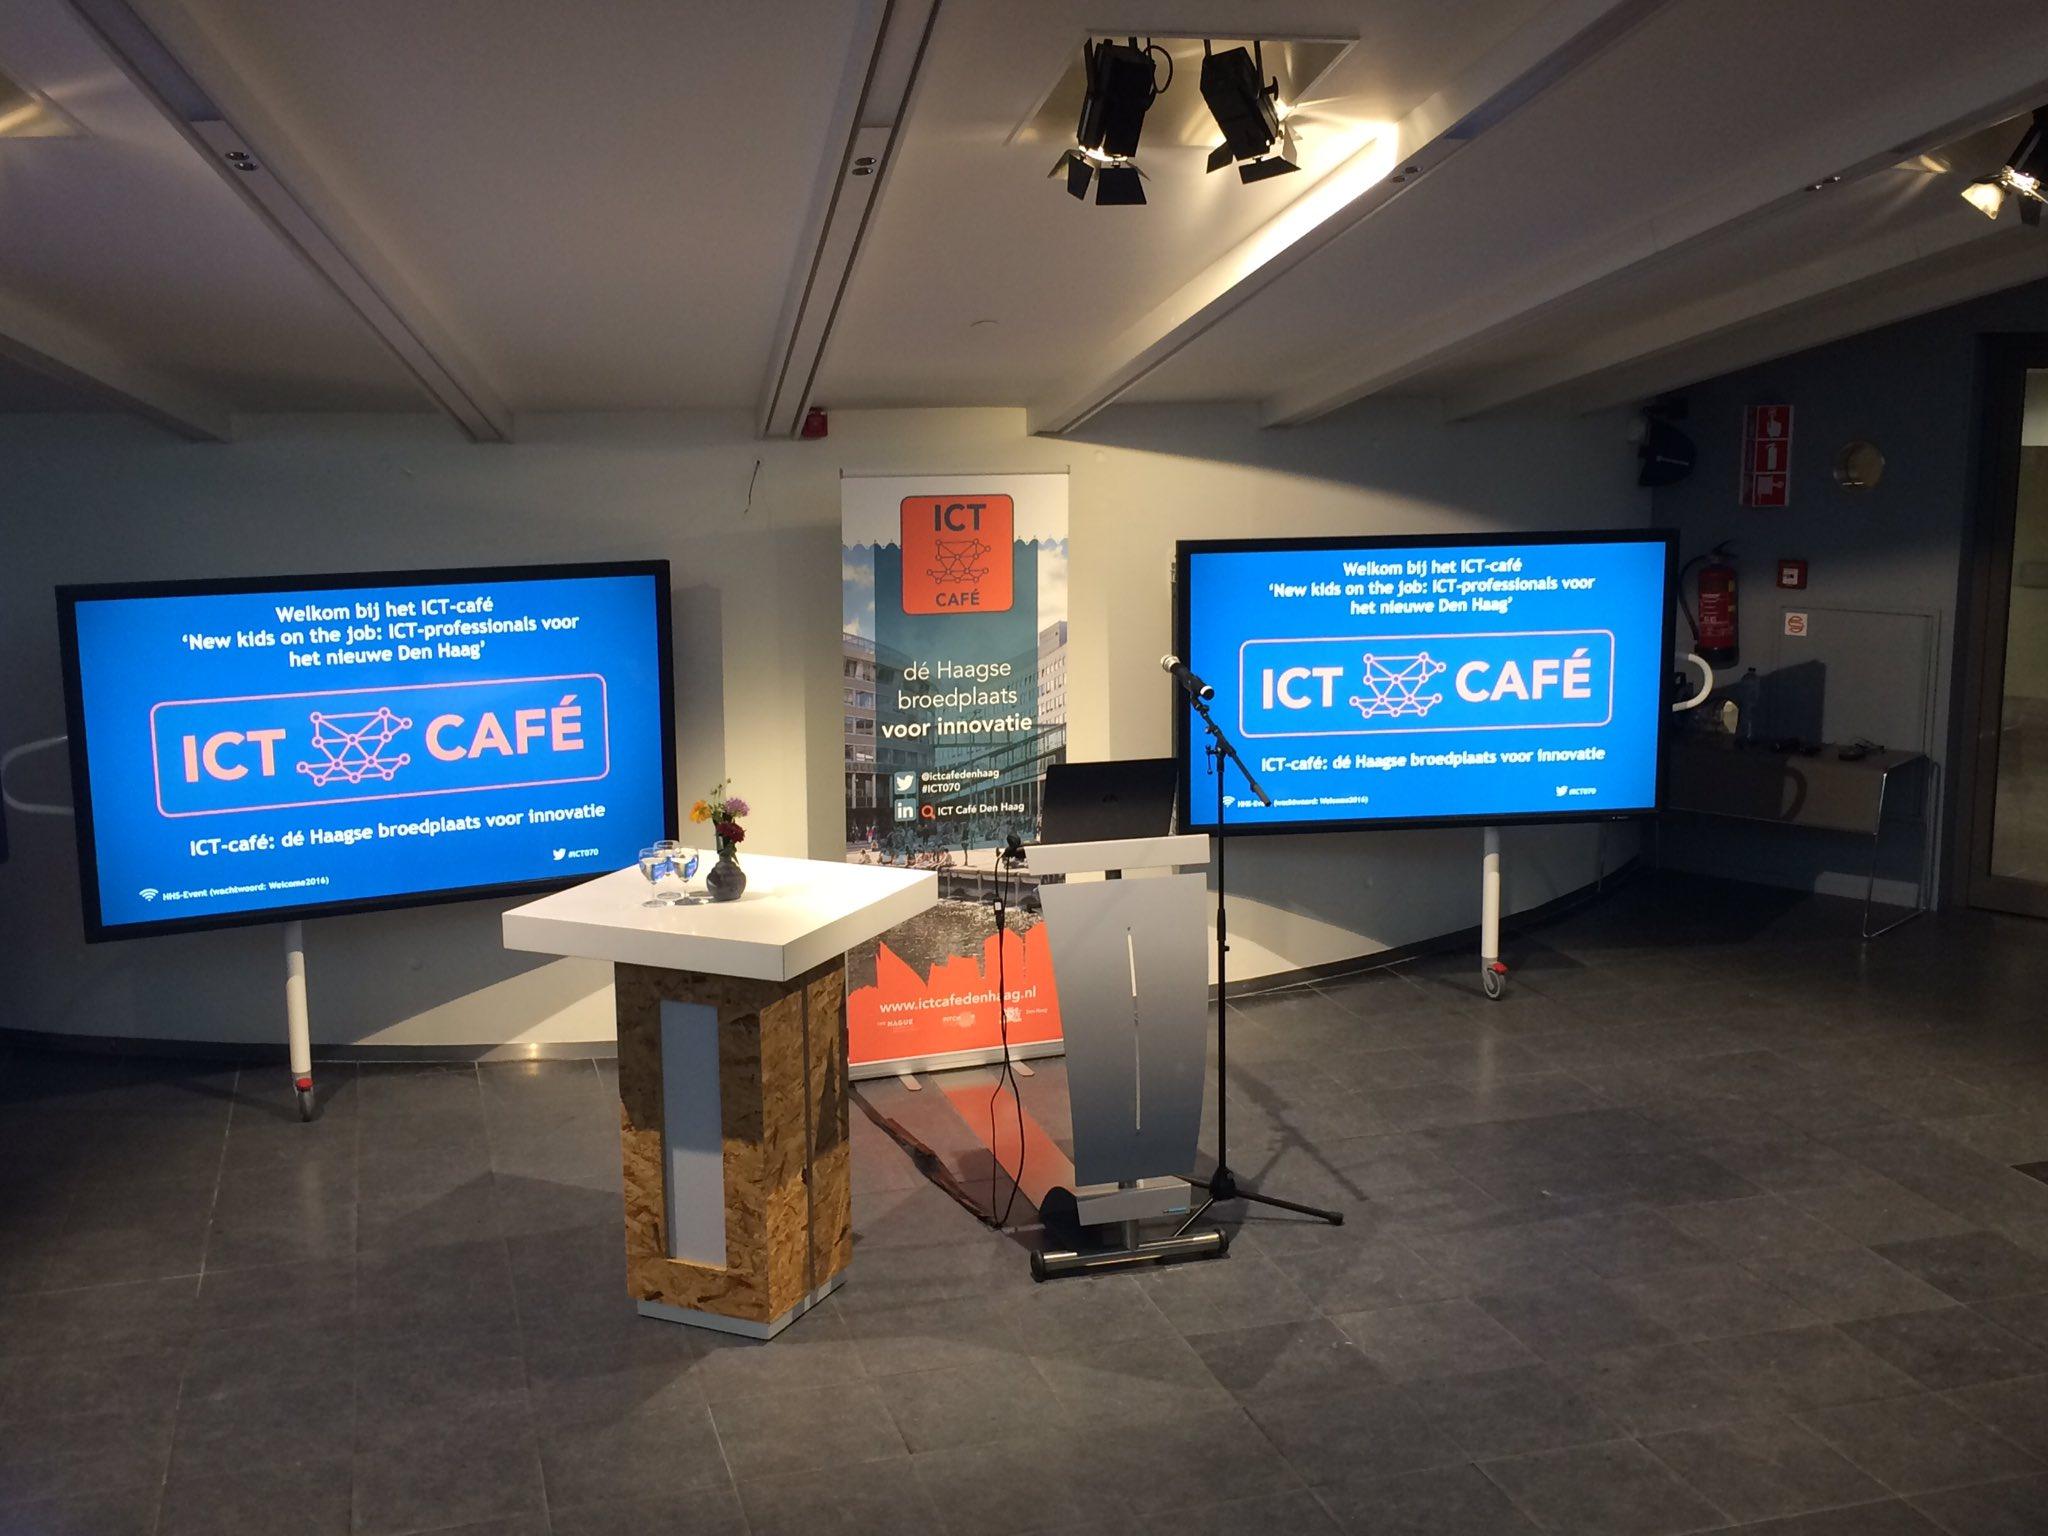 Ready when you are! #ICTCaféDenHaag #Haagsebroedplaats #innovatie #ICT070 #HaagseHogeschool #digitalisering #robotisering #onderwijs https://t.co/29JnCQlcDm